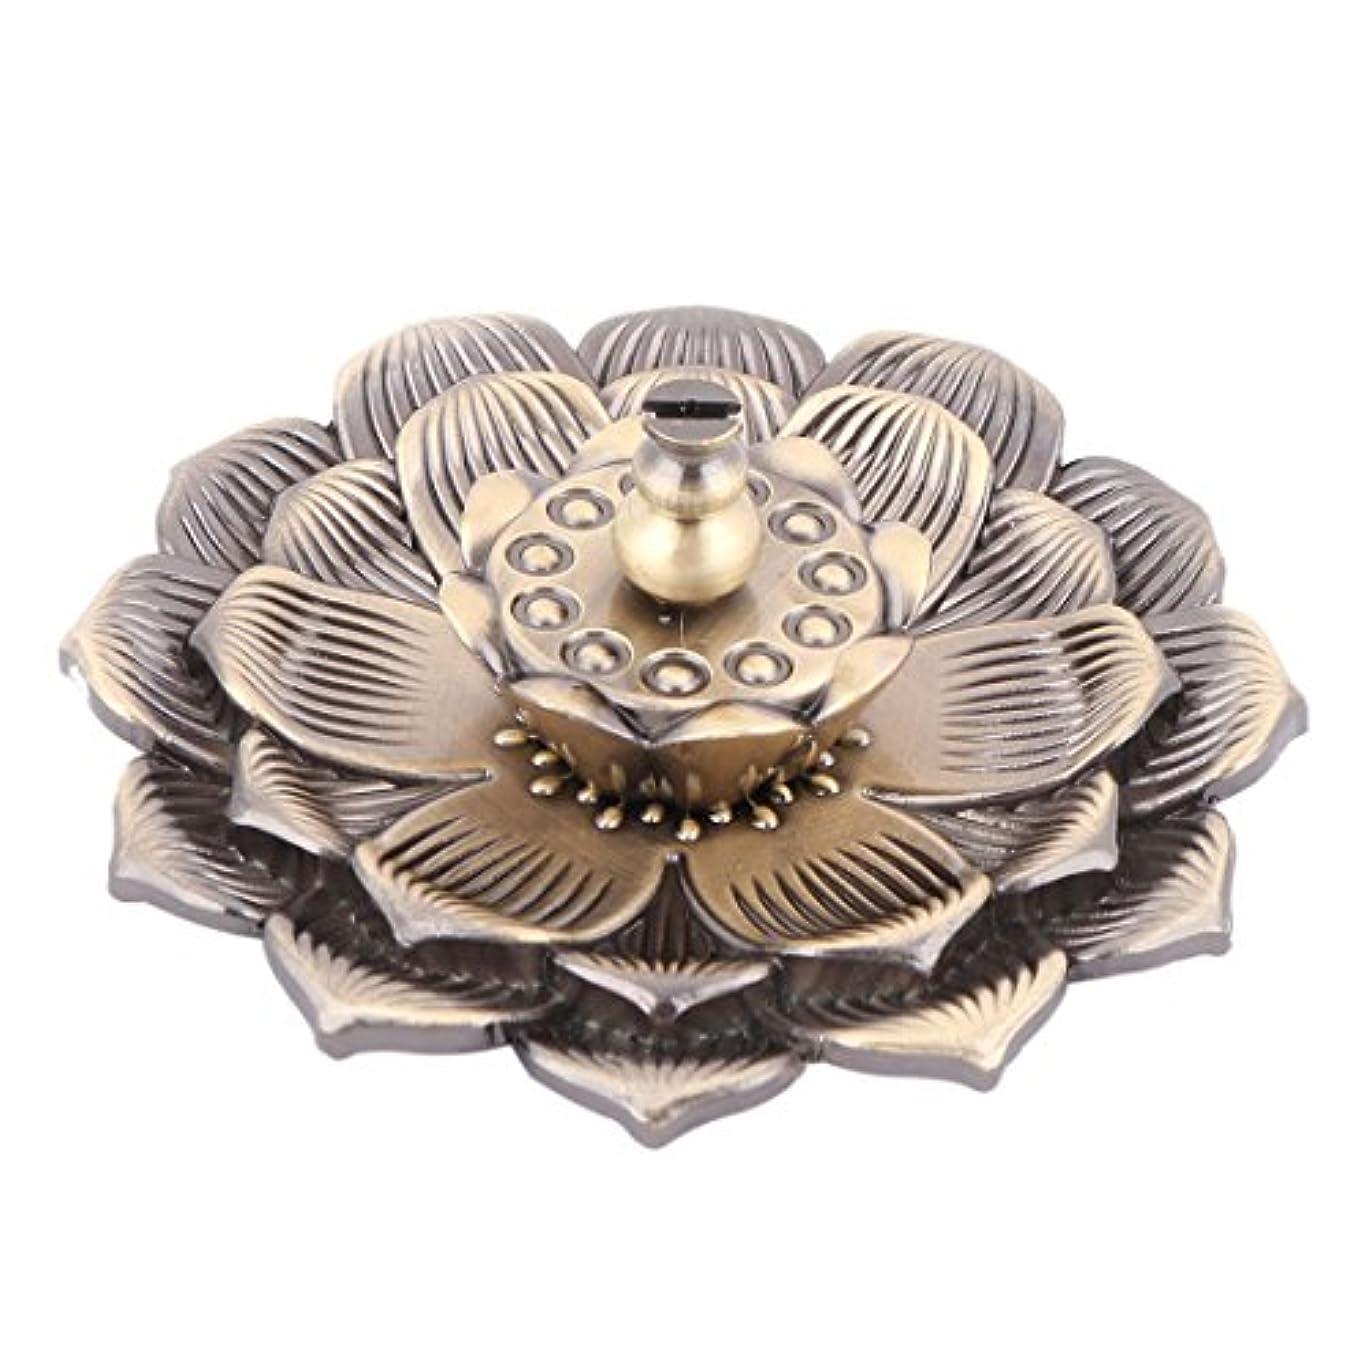 ガストン求人uxcell 香炉ホルダー お香立て インセンスホルダー 蓮 ロータス 花型 セット 金属製 家庭用 直径10cm ブロンズ